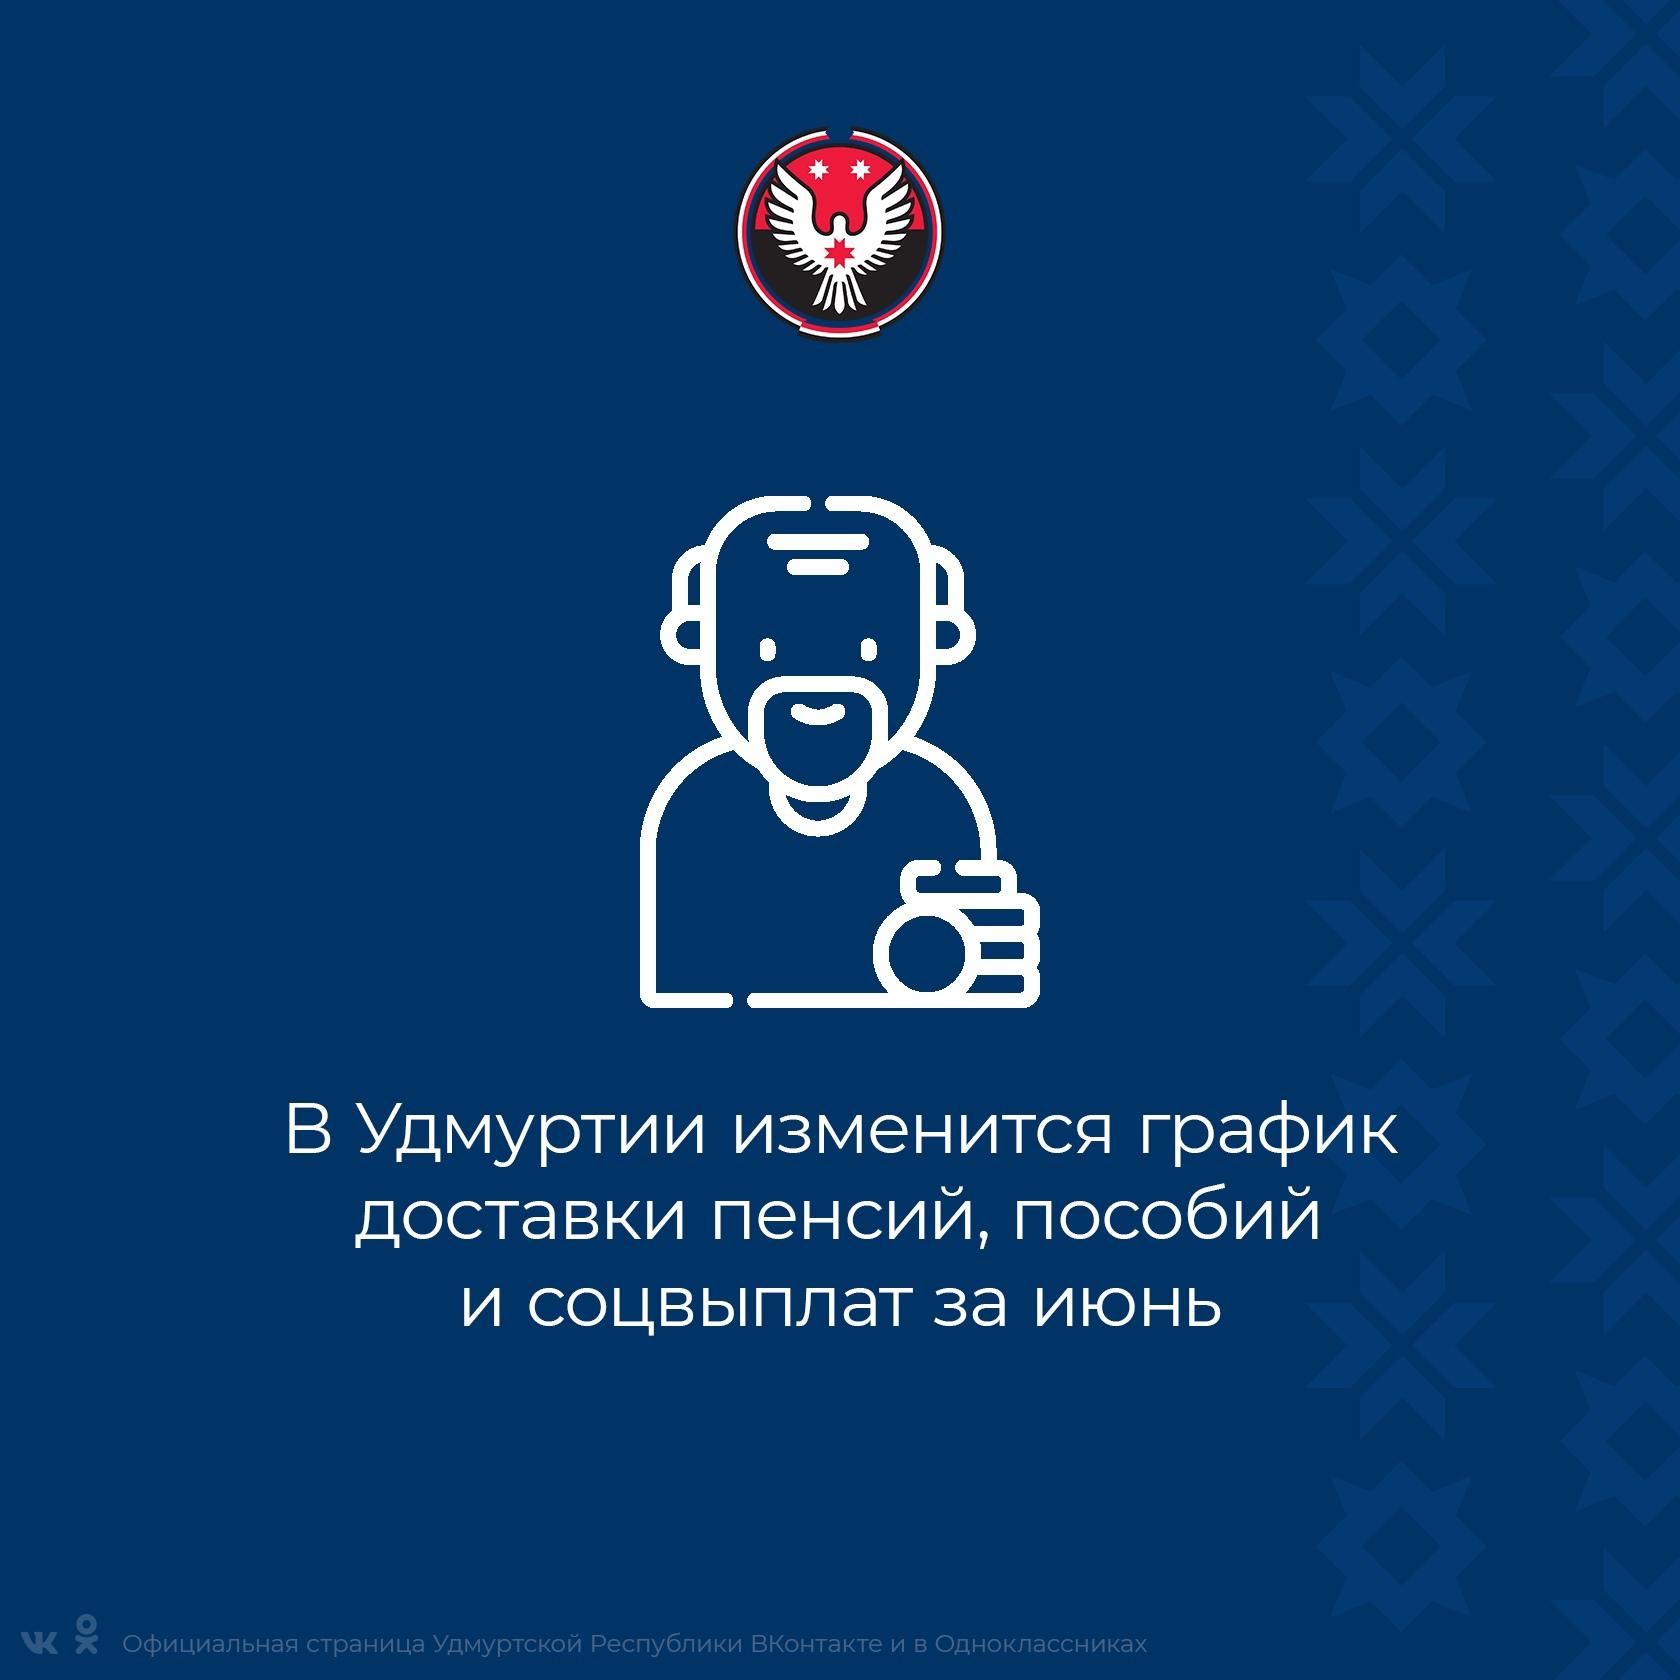 В Удмуртии изменится график доставки пенсий, пособий и соцвыплат за июнь. Изменения связаны с празднованием Дня России.